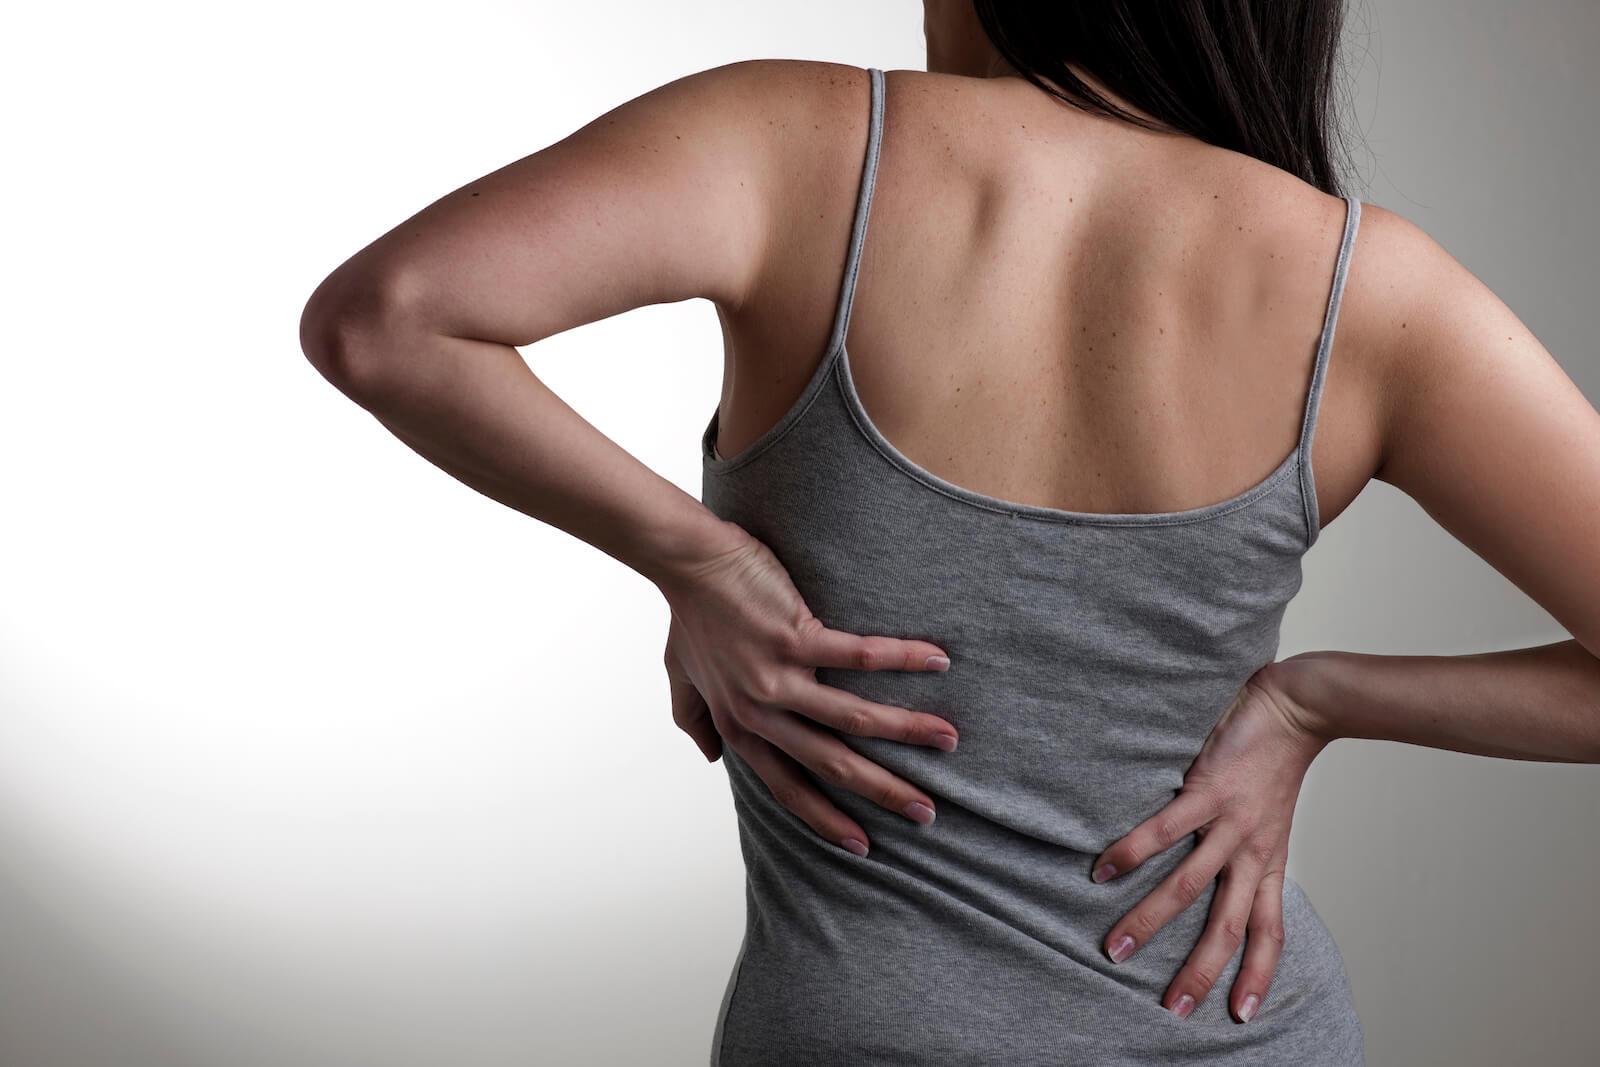 fájdalom az ujjak ízületein fájó fájdalom a váll izületeiben